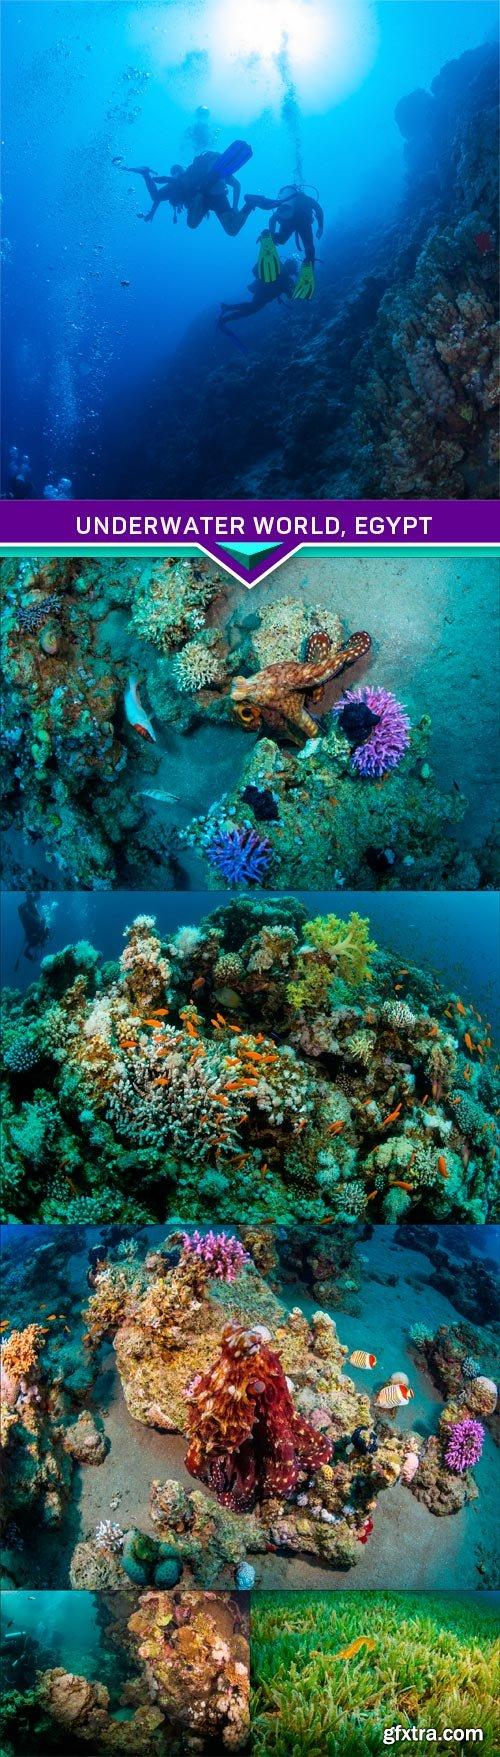 Underwater world, Egypt 6X JPEG